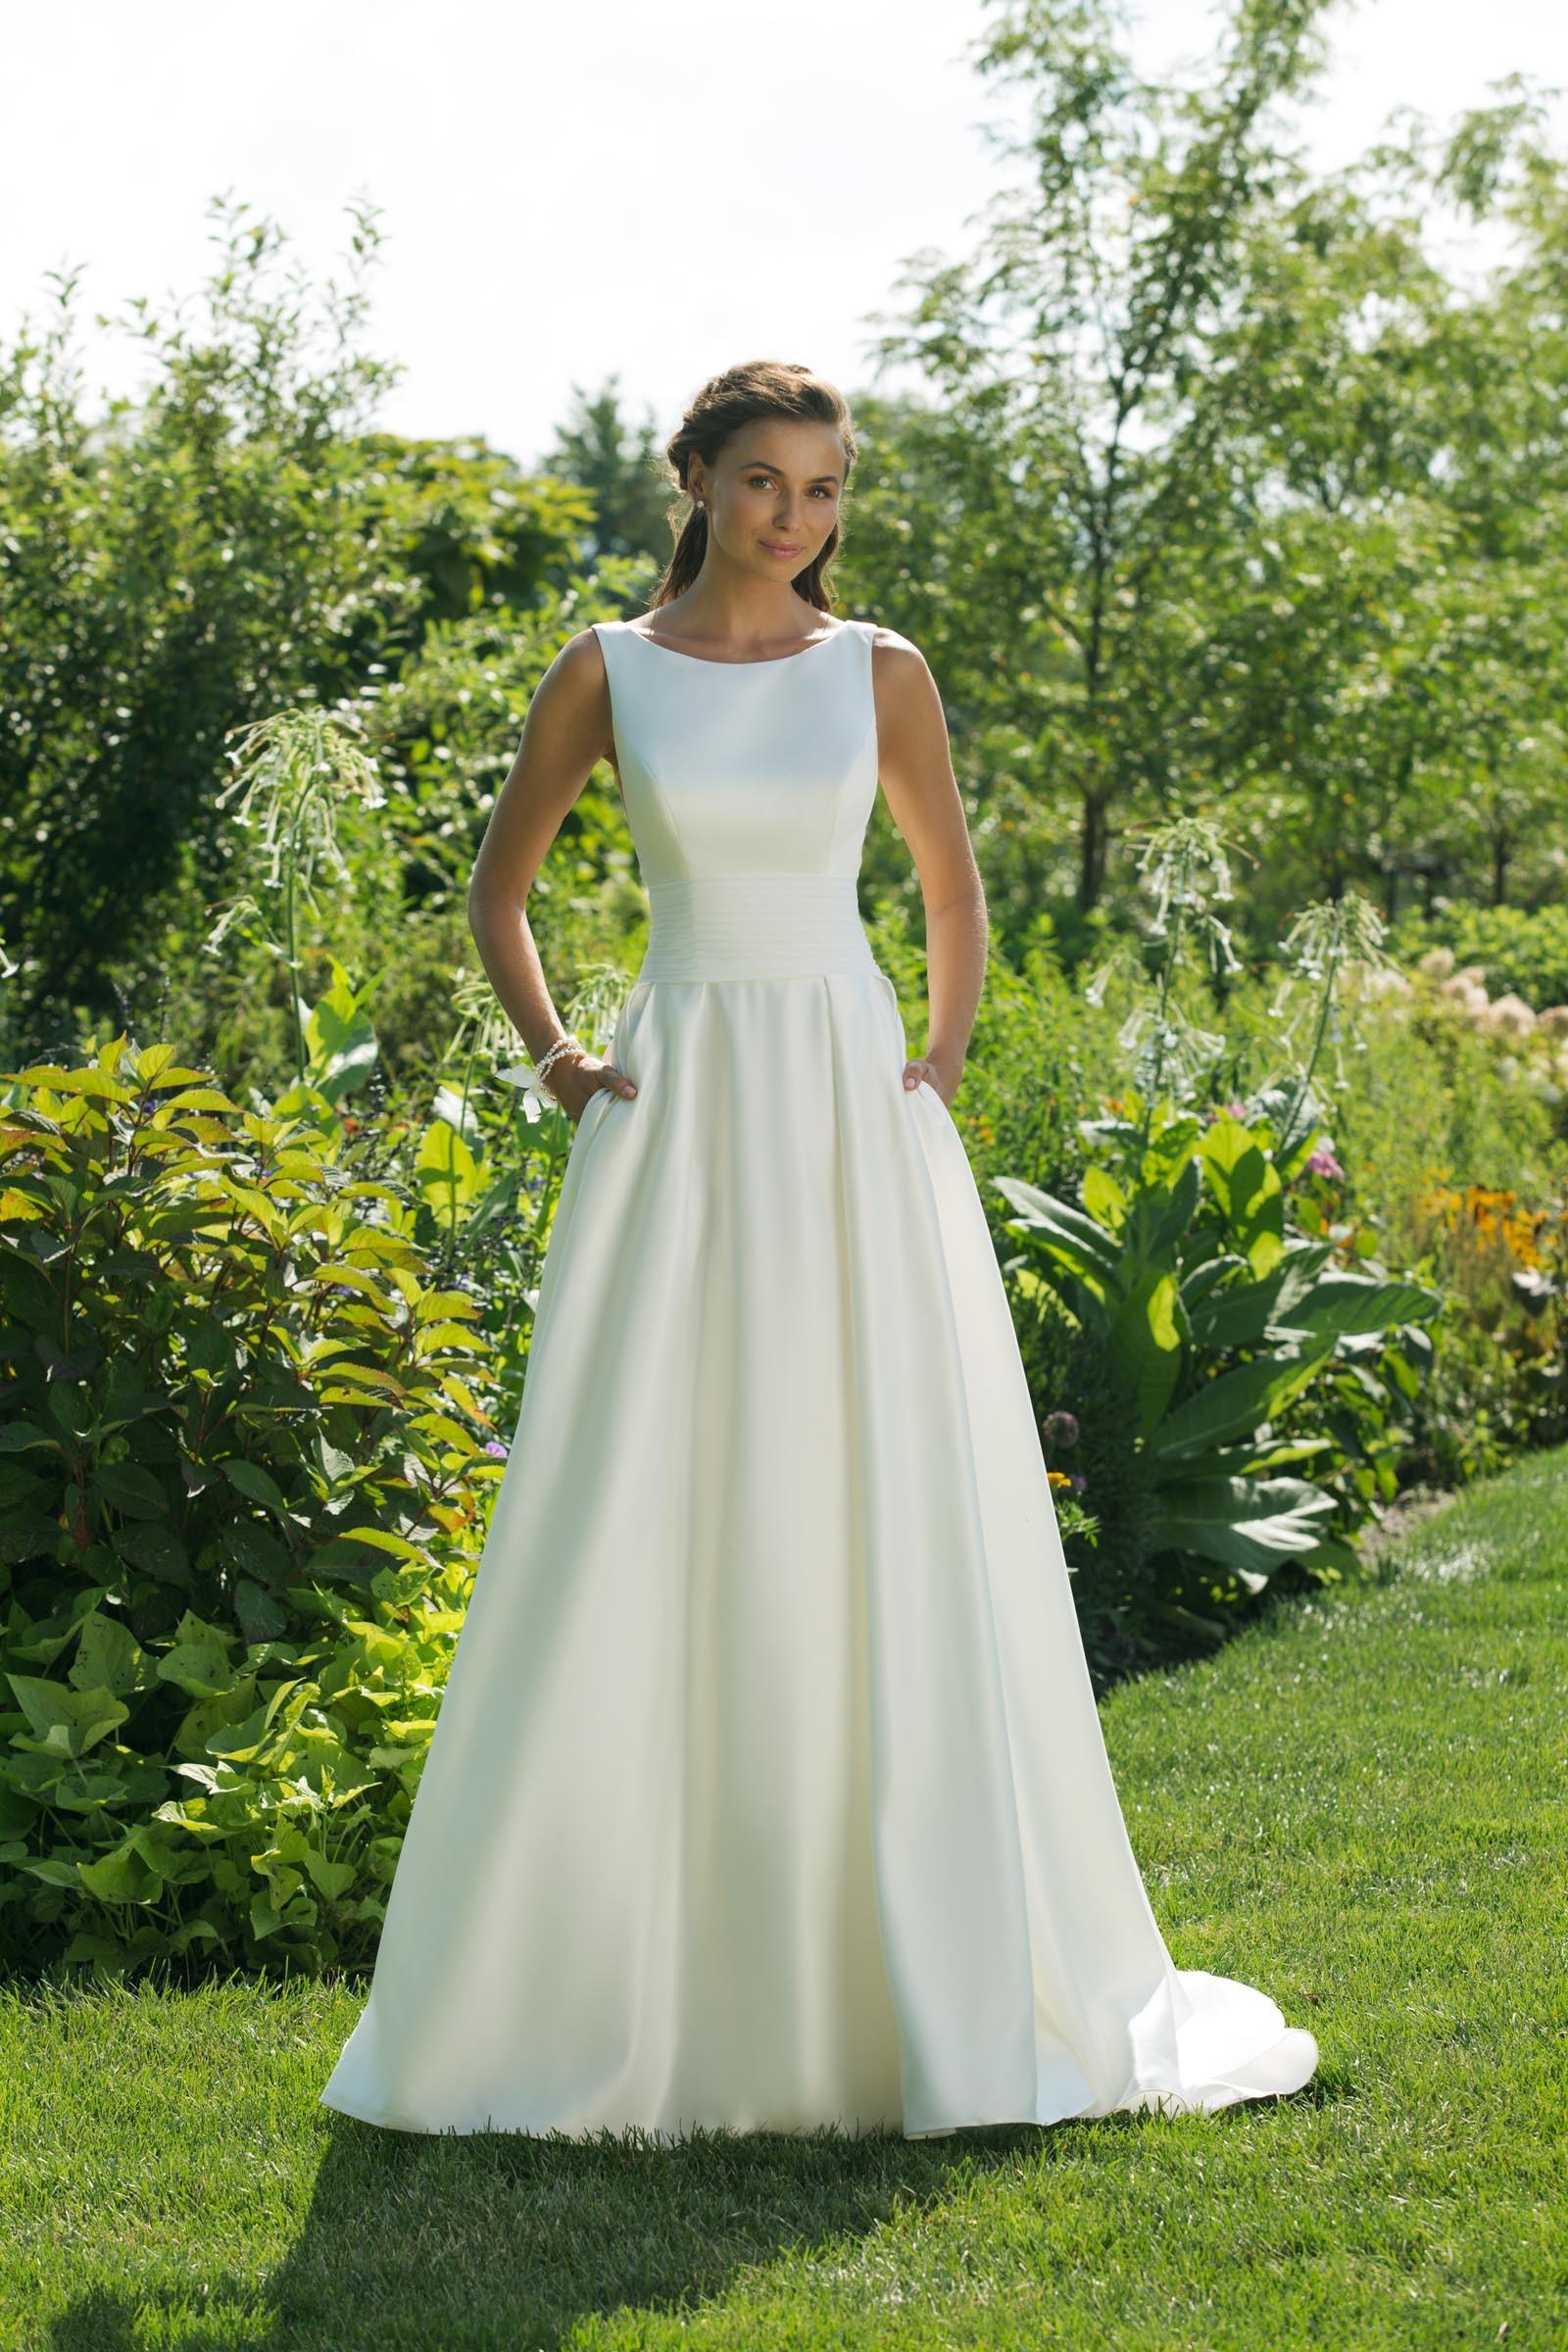 Cleanes Brautkleid im Prinzessschnitt mit Rundhals-Ausschnitt, ärmellos, von Sweetheart, Modell 11017